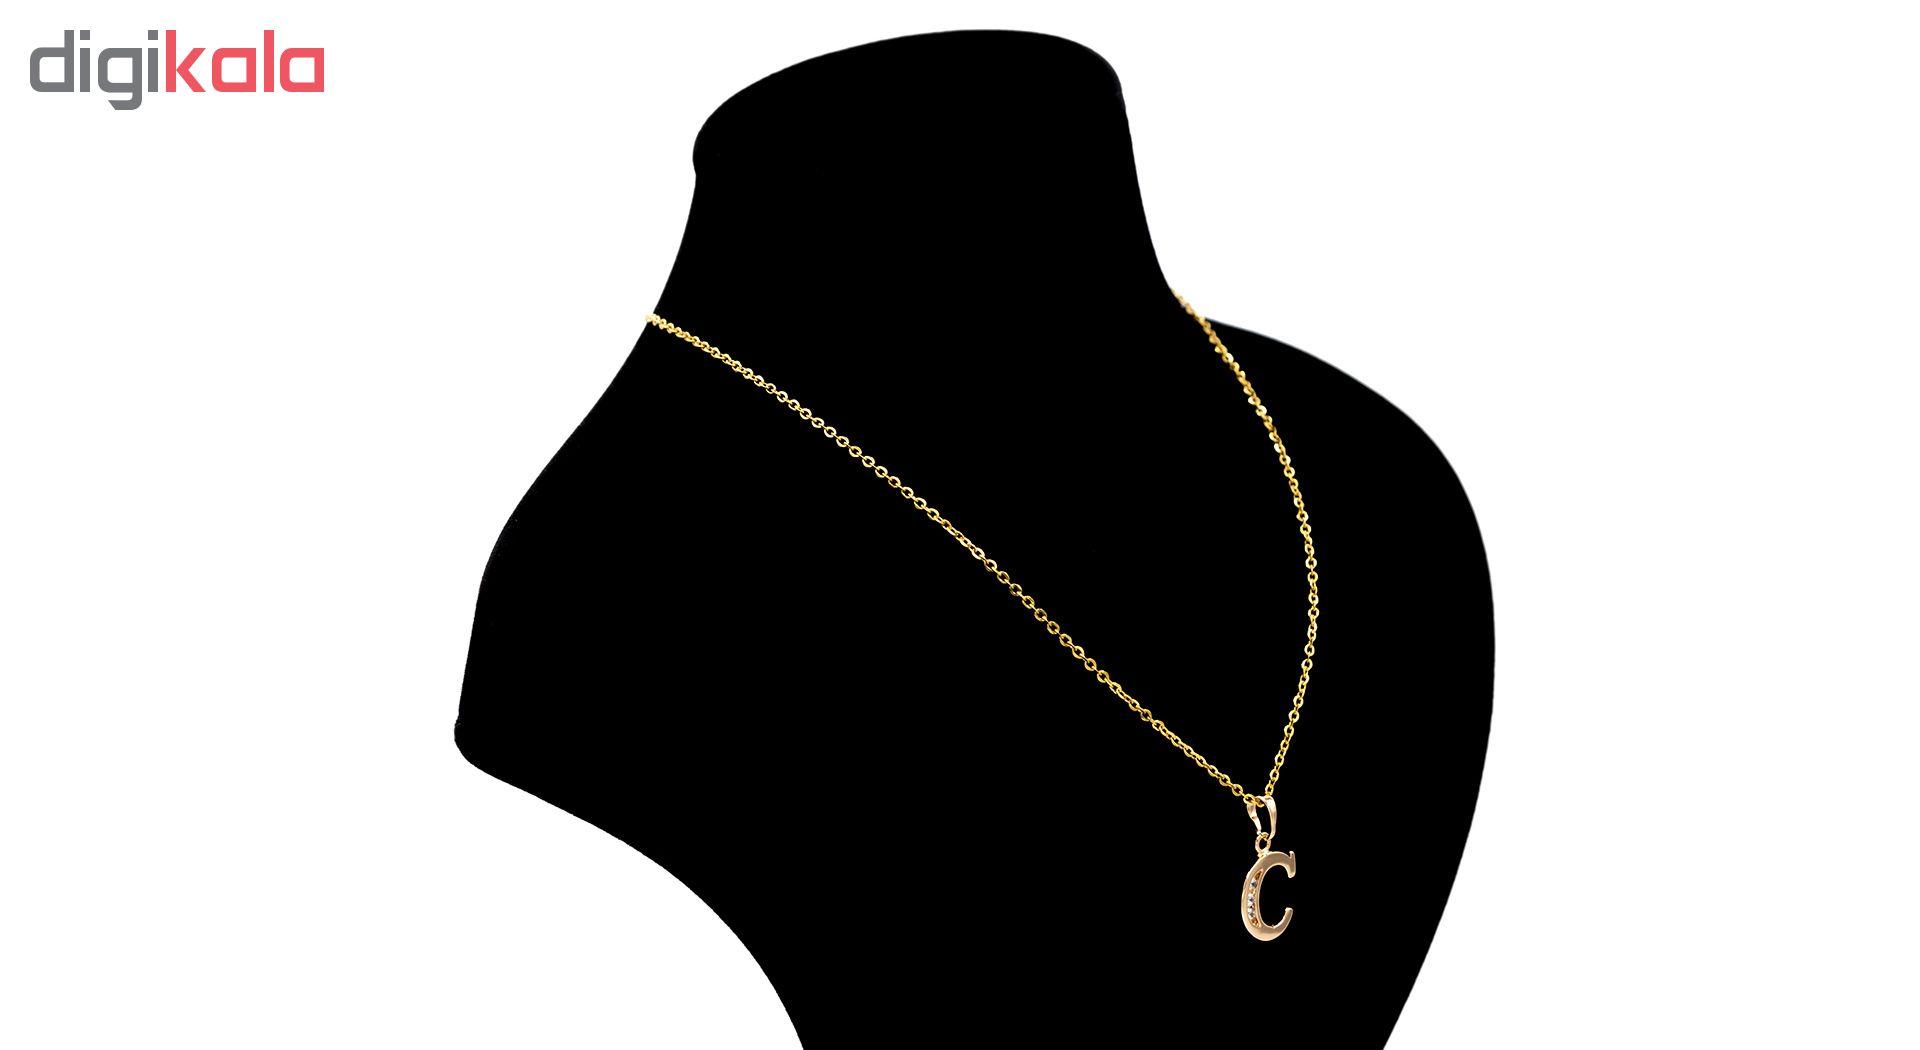 گردنبند بهارگالری مدل حرف C